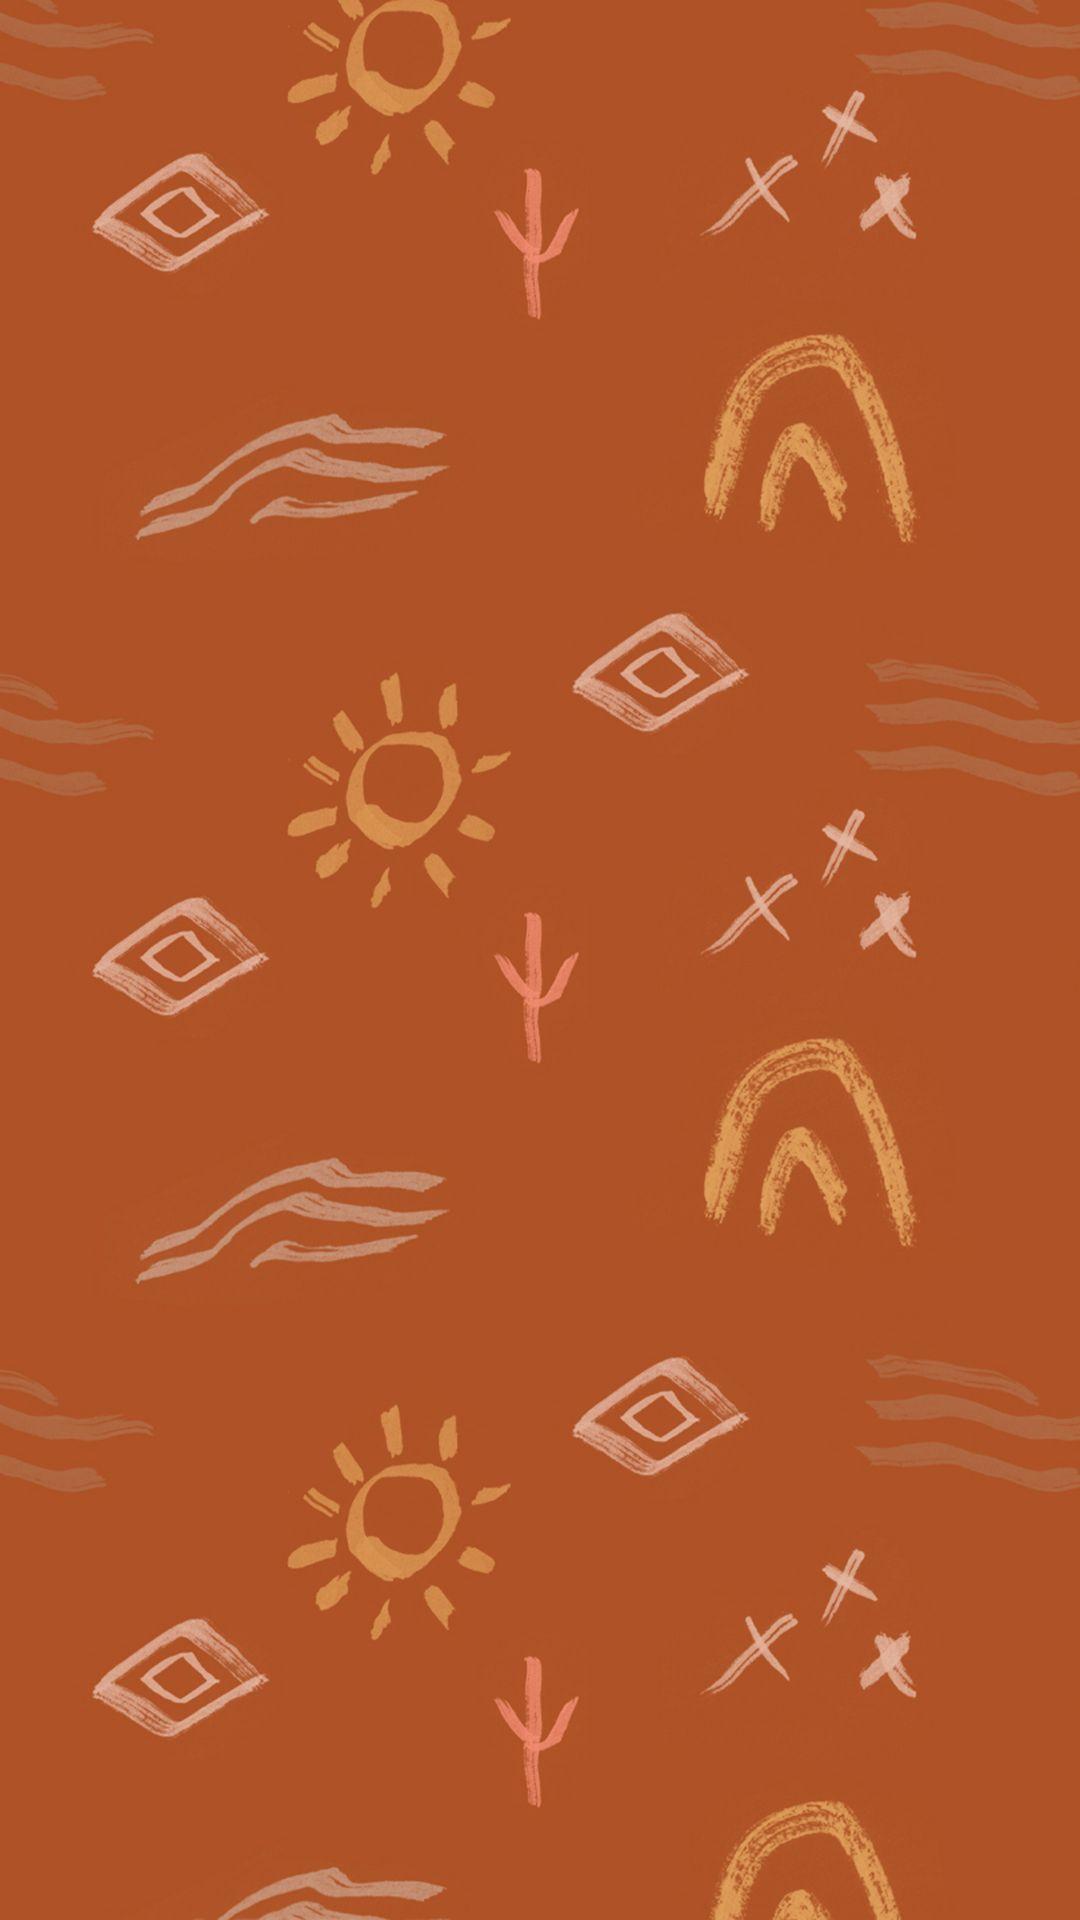 Desert inspired iPhone wallpaper ...